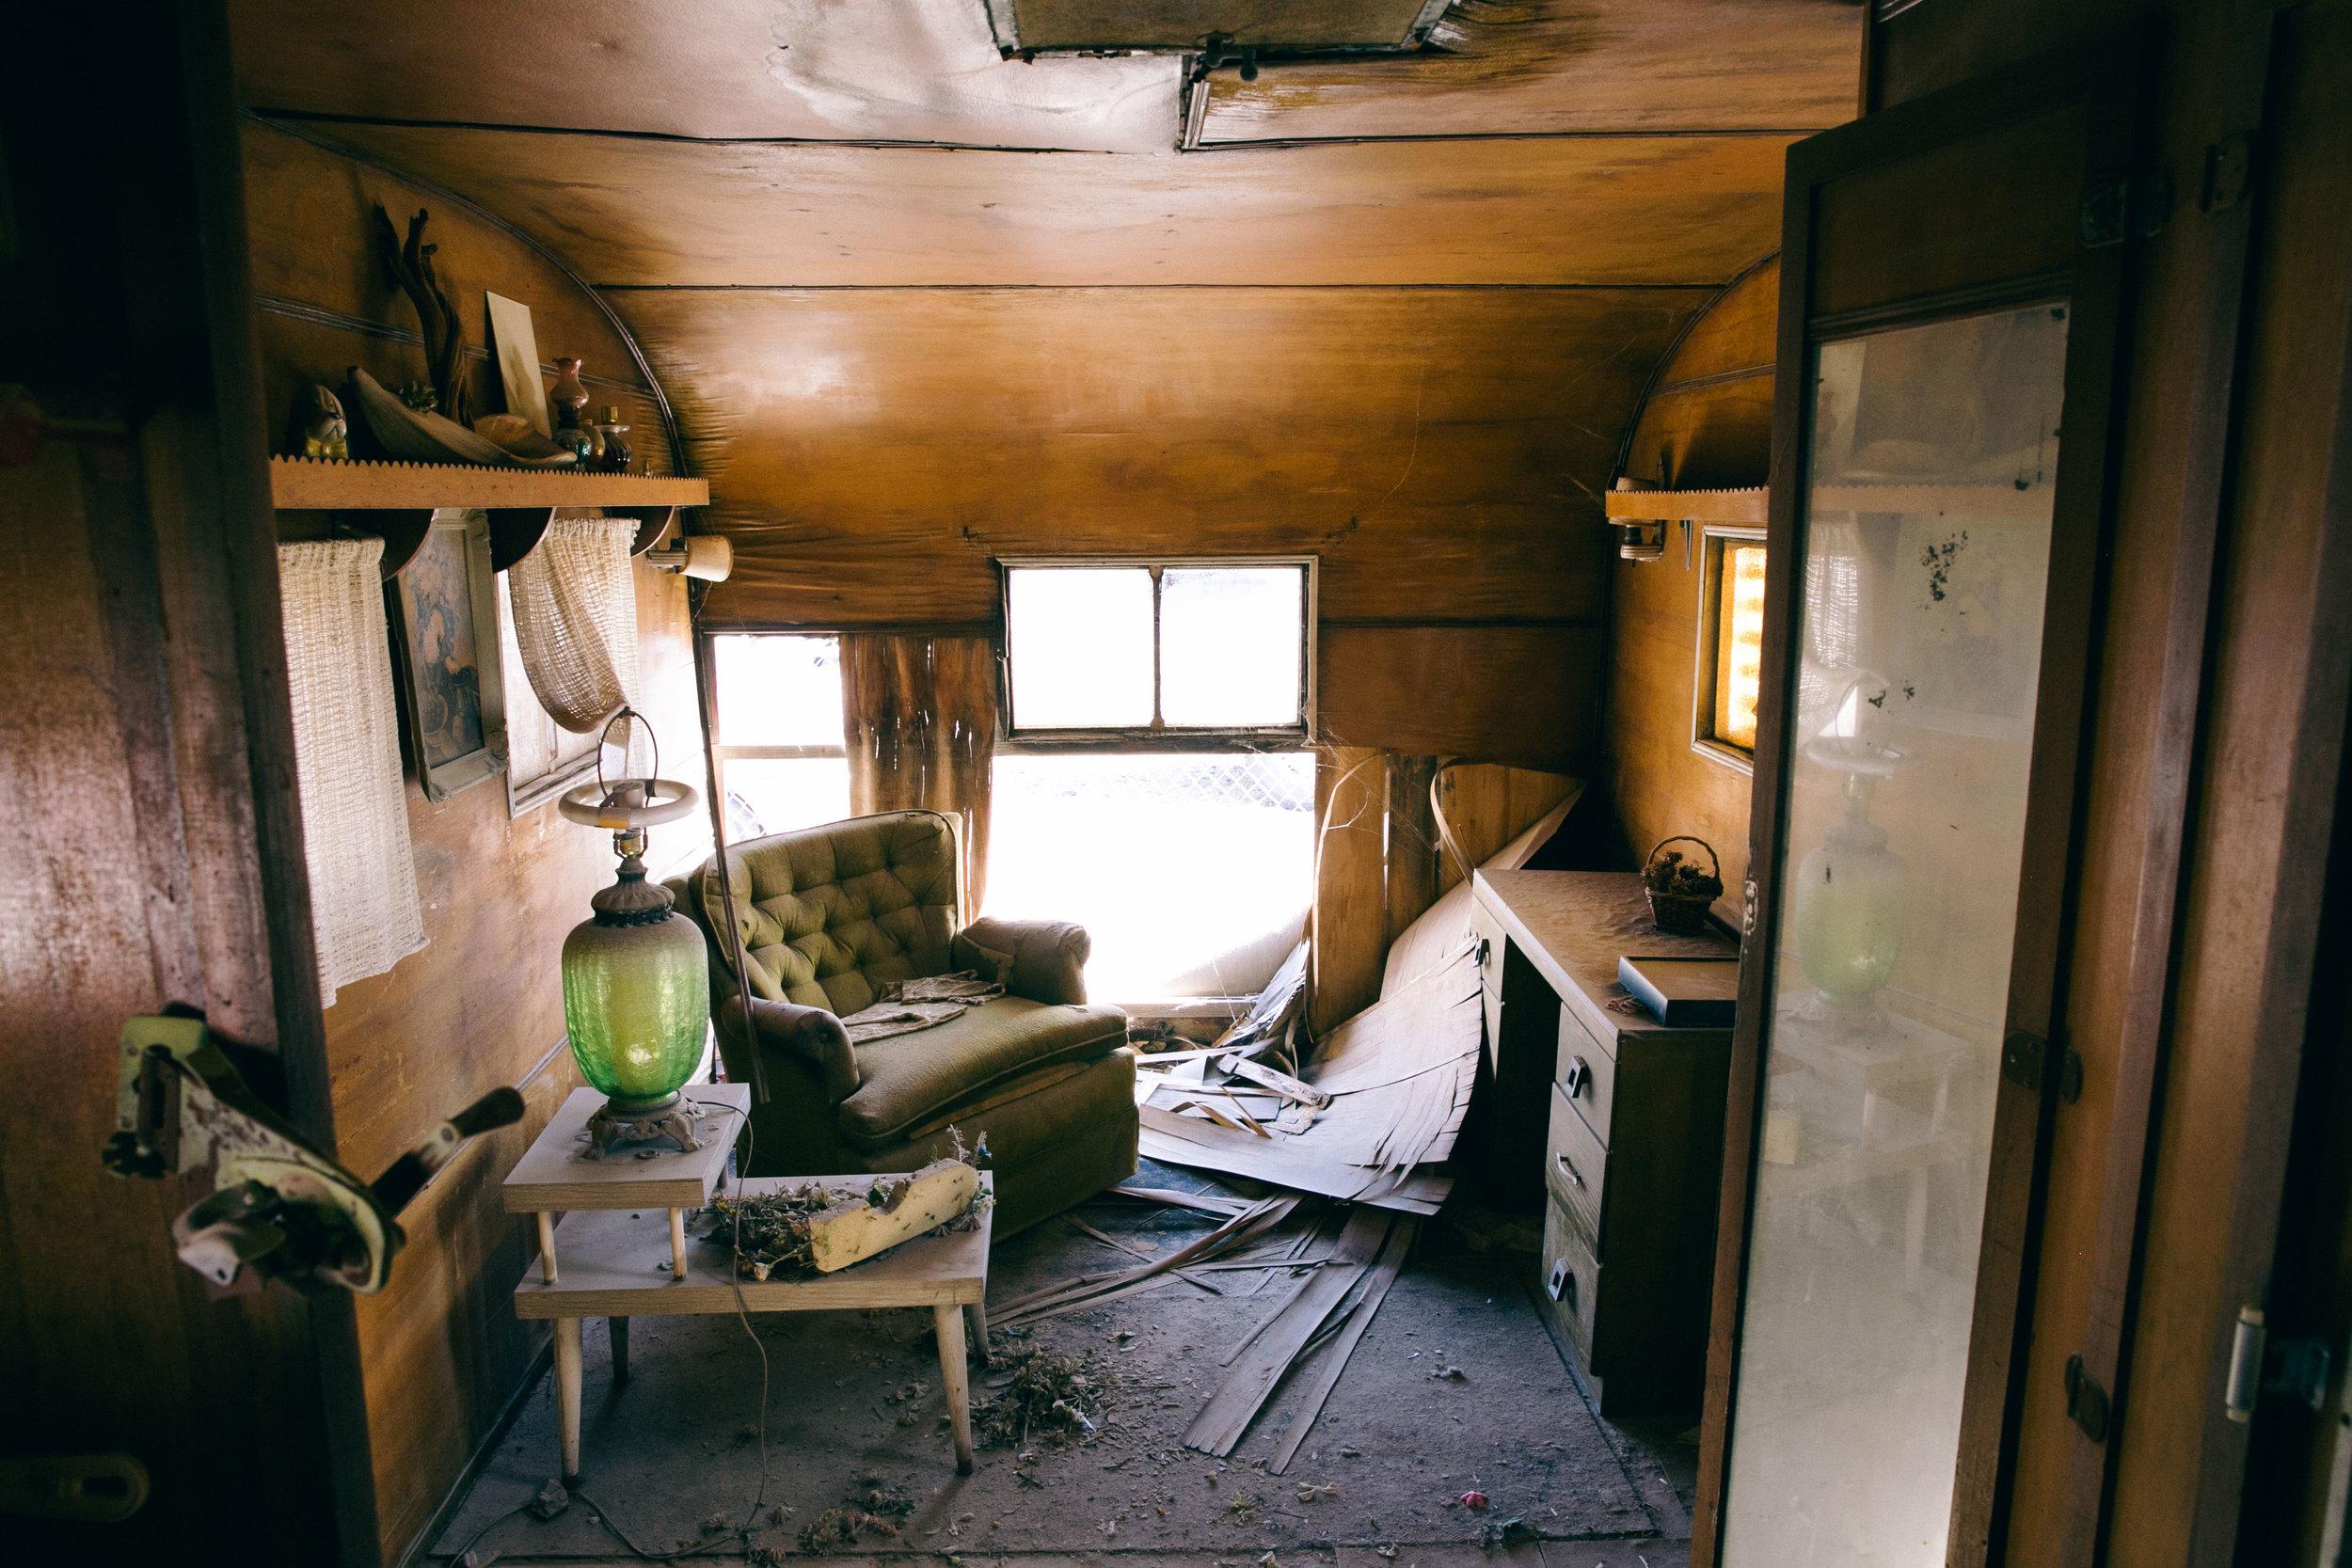 bbb_frank_web_057_Abandoned camper.jpg